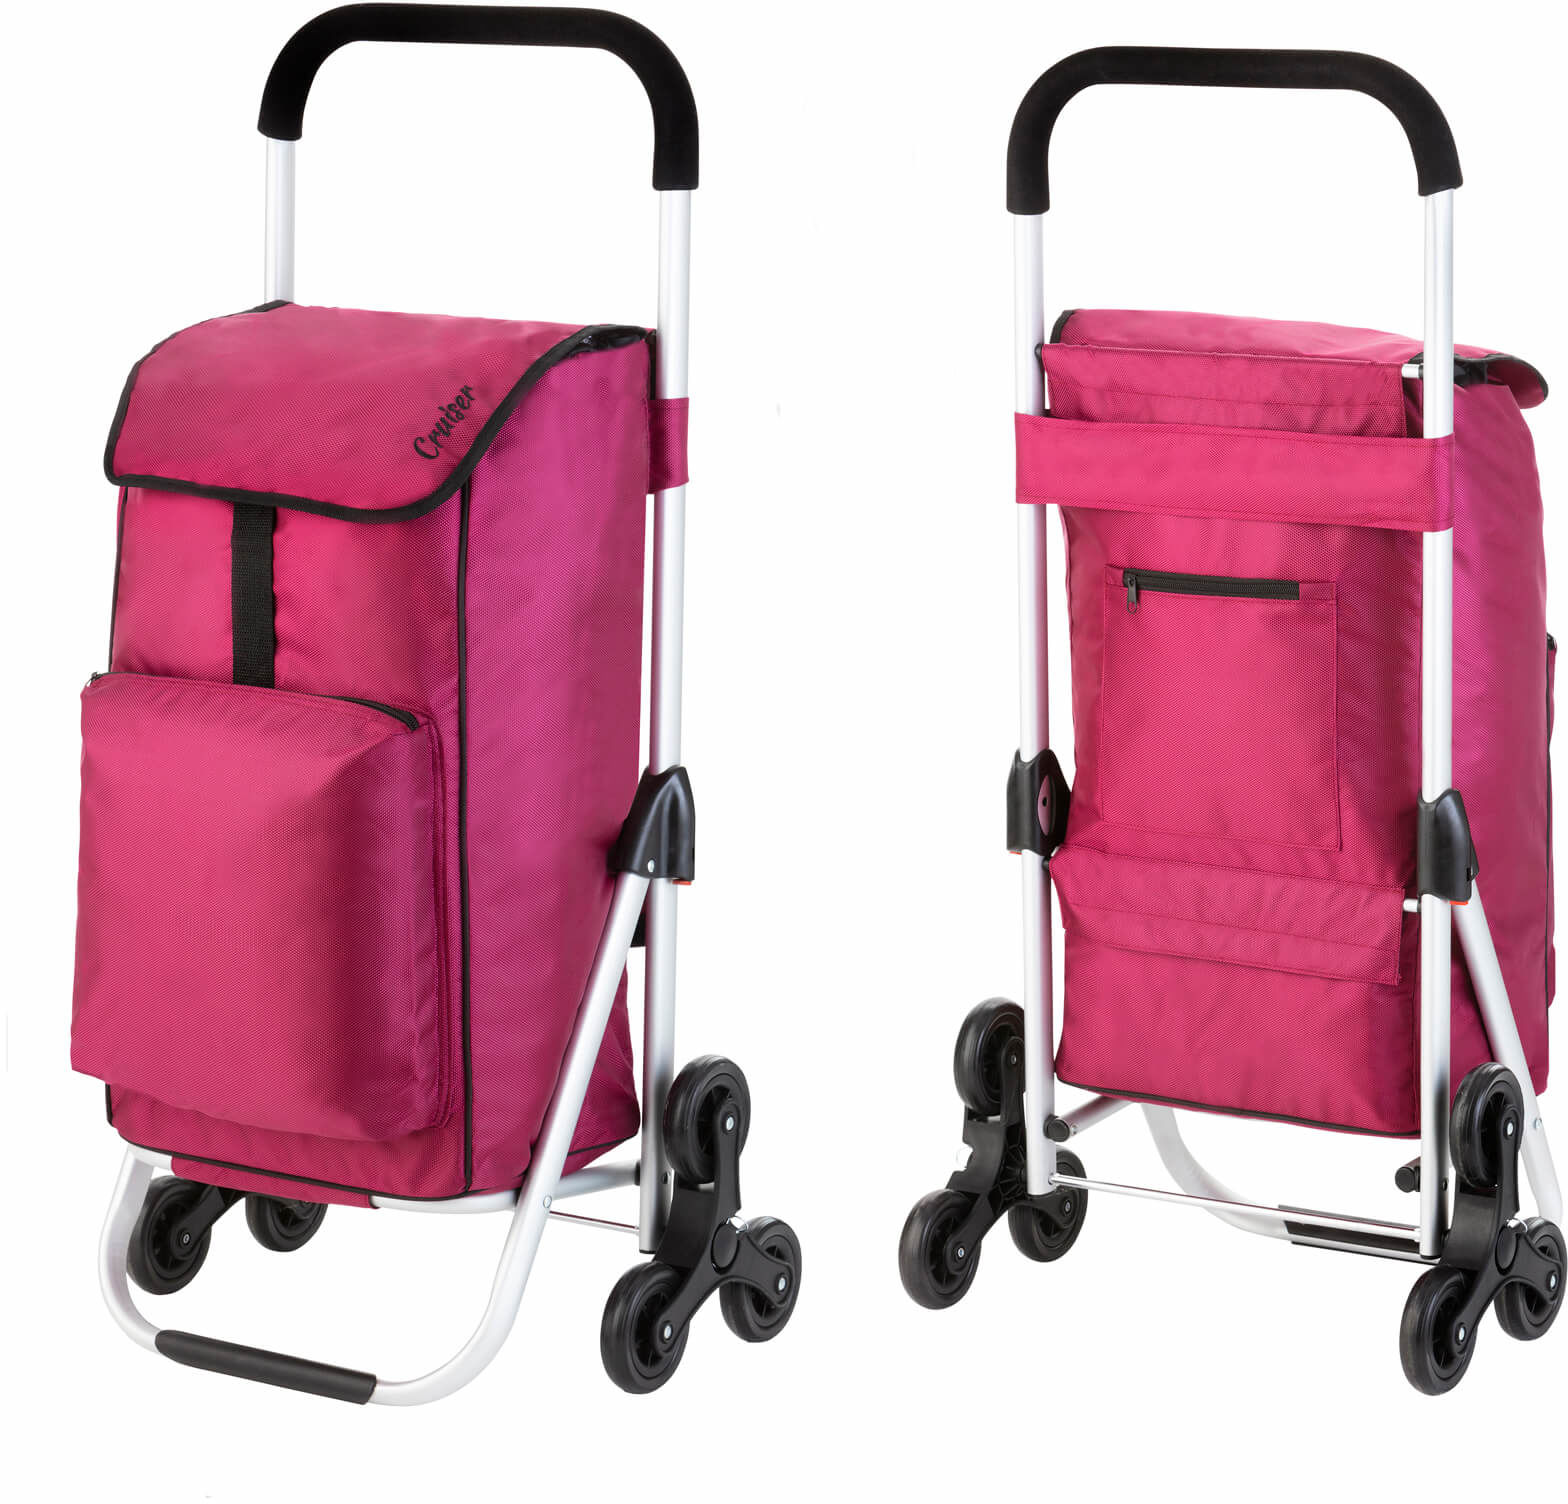 Wózek zakupowy do pokonywania schodów Cruiser Expert /fuksja/